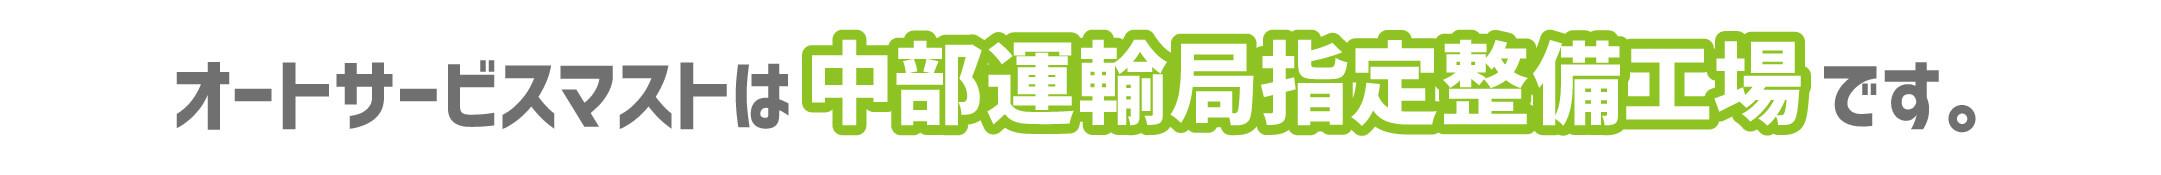 オートサービスマストは中部運輸局指定整備工場です。